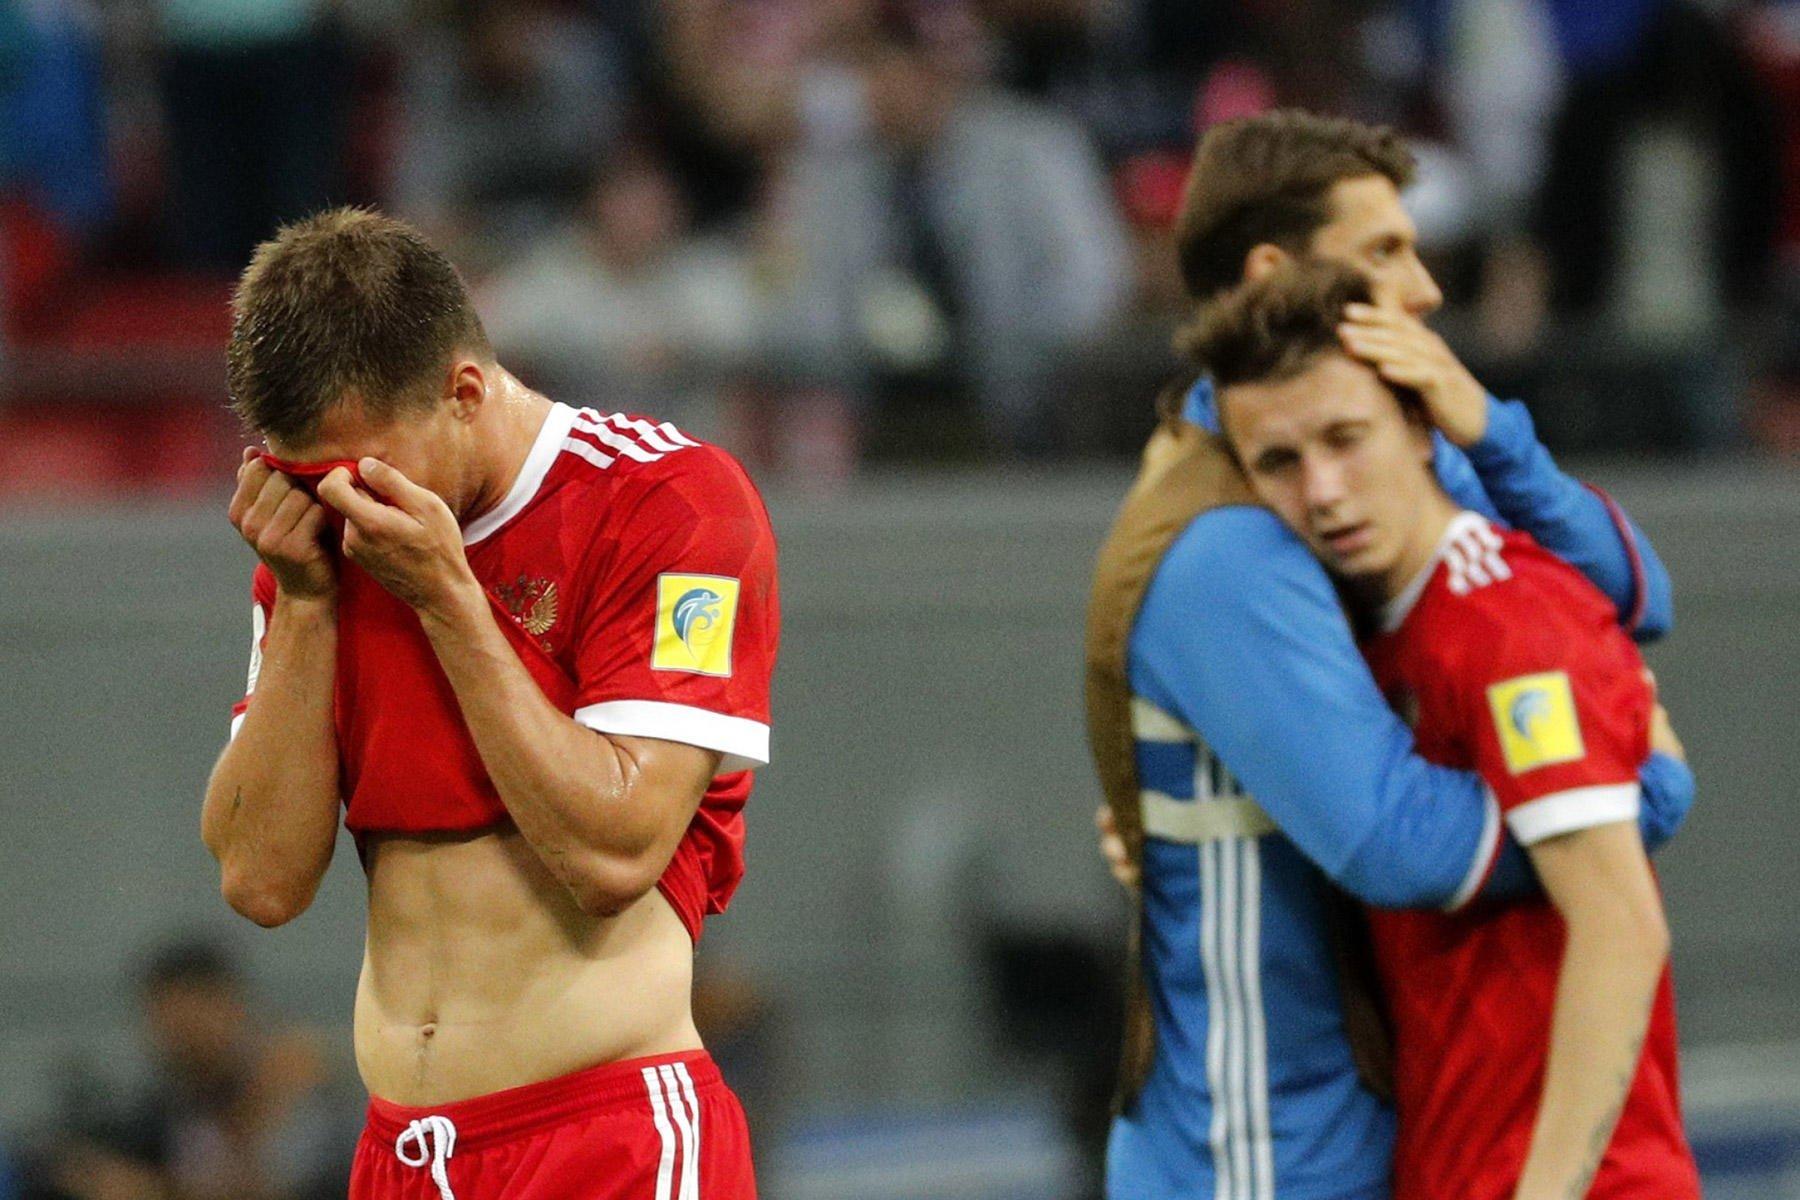 Прогноз на матч Испания - Россия: россияне выиграют с форой 1,5